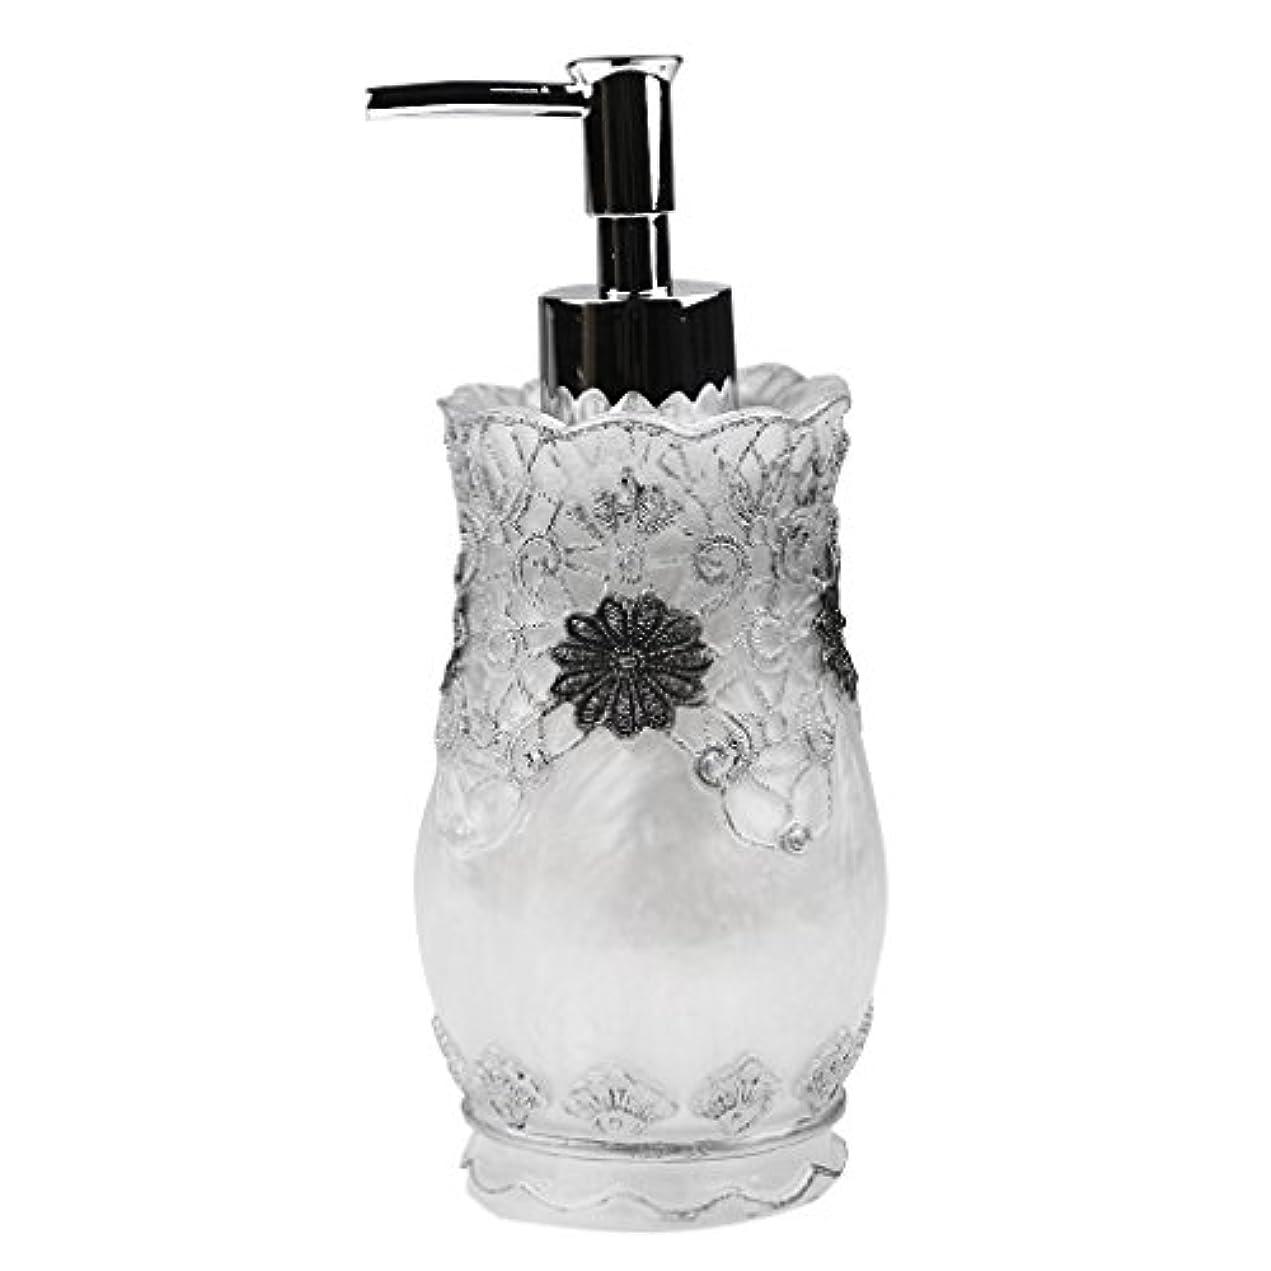 パートナー重要ディスカウントFlameer シャンプー ボディークレンザー 液体石鹸などローション適用 詰め替え 高品質 樹脂 空 ポンプ瓶 全4種類  - #2